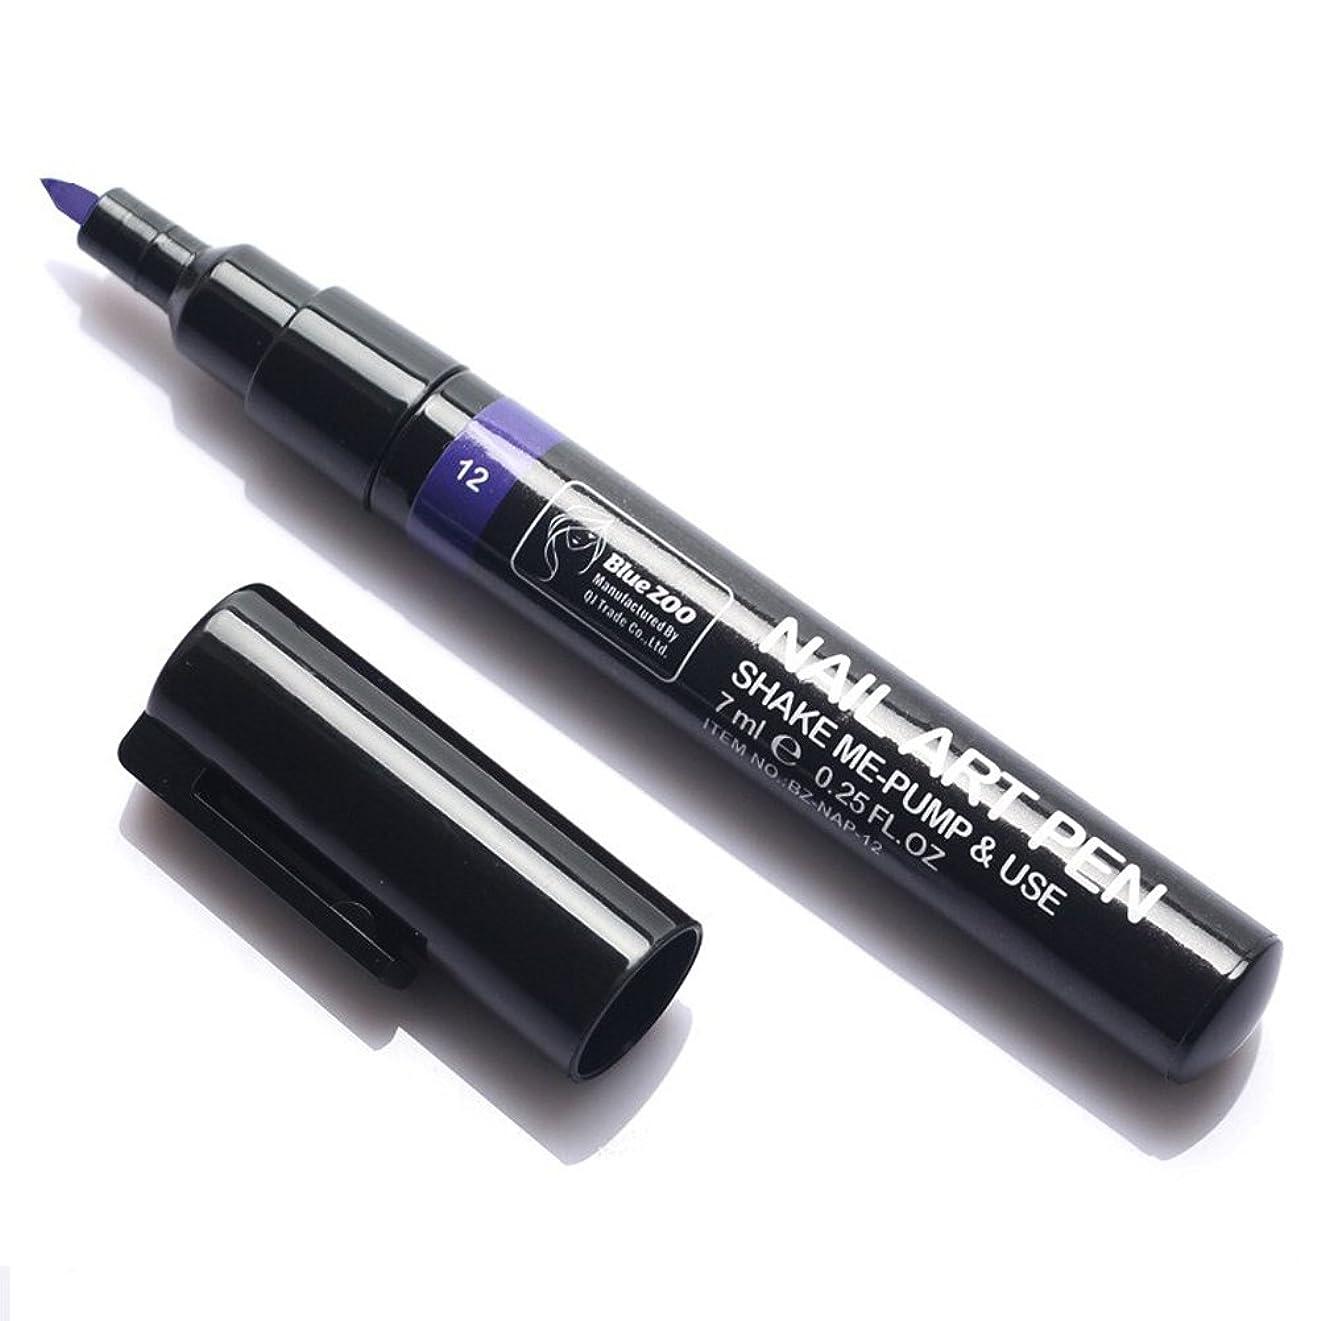 愛情深いオーナー克服する(メイクアップエーシーシー) MakeupAcc カラーネイルアートペン 3Dネイルペン ネイルアートペン ネイルマニキュア液 ペイントペン ペイント 両用 DIY 16色 (ダークブルー) [並行輸入品]